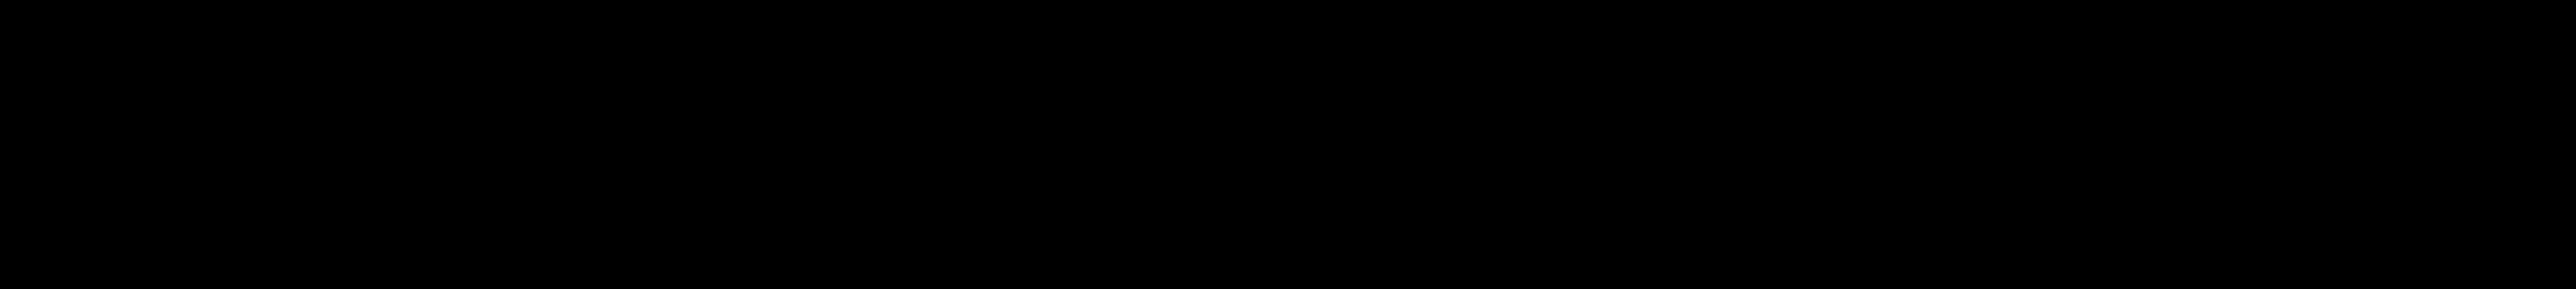 PeoplesPundit logo